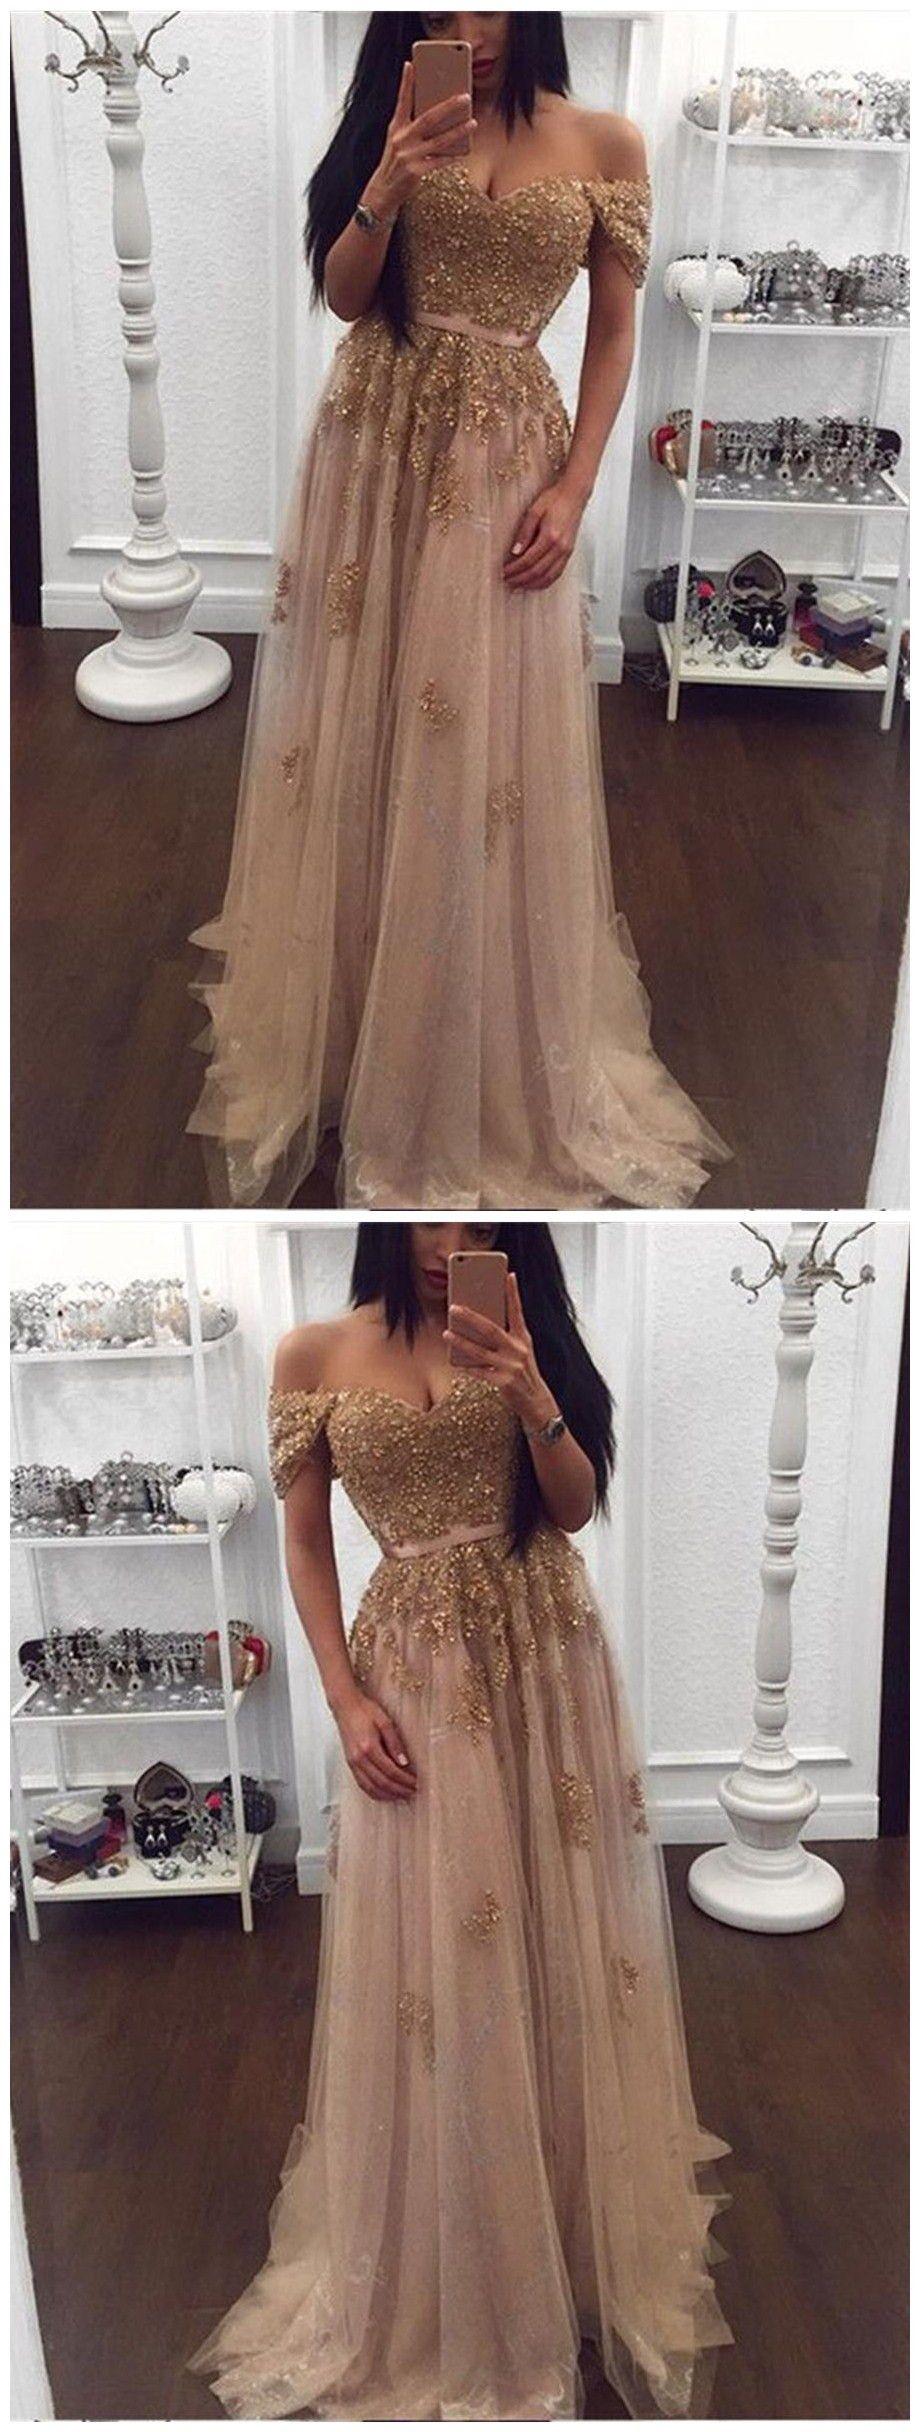 aline long prom dresses offtheshoulder elegant prom dresses